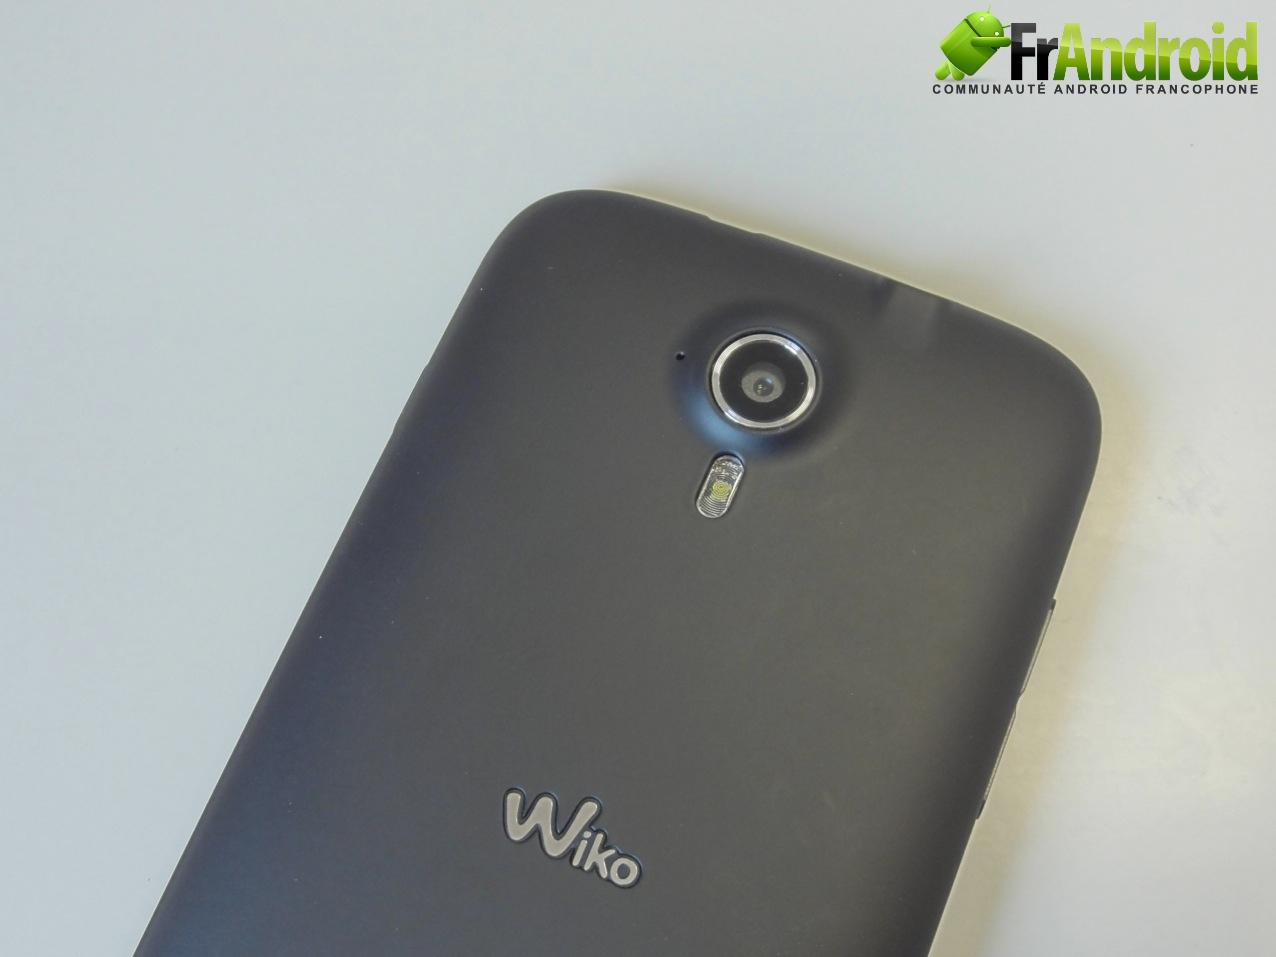 7e6cfce2d3c15 android wiko cink five prise en main 4